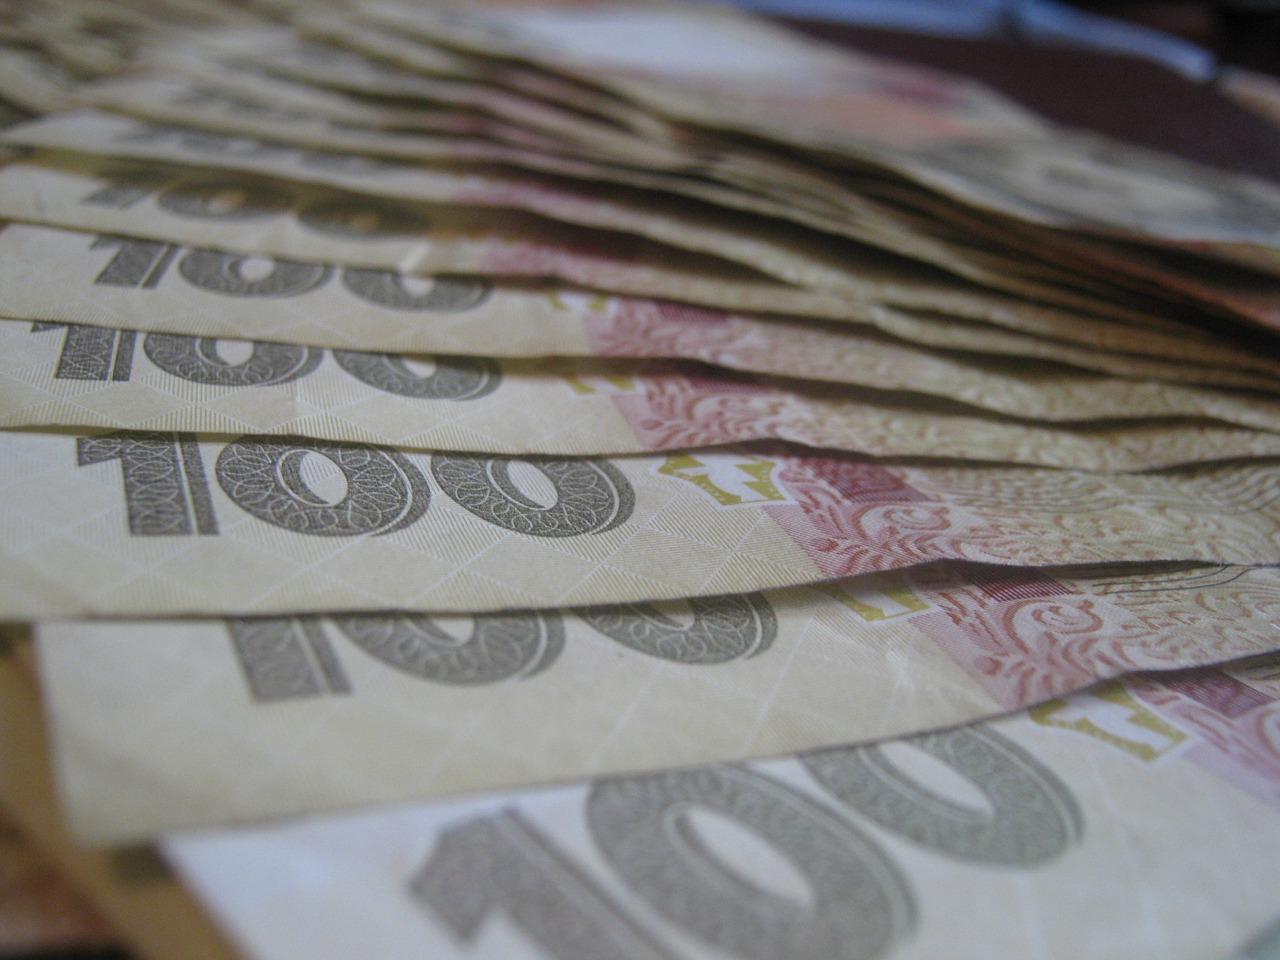 На Запоріжжі судитимуть екс-директора сільгосппідприємства за привласнення понад 3 млн гривень